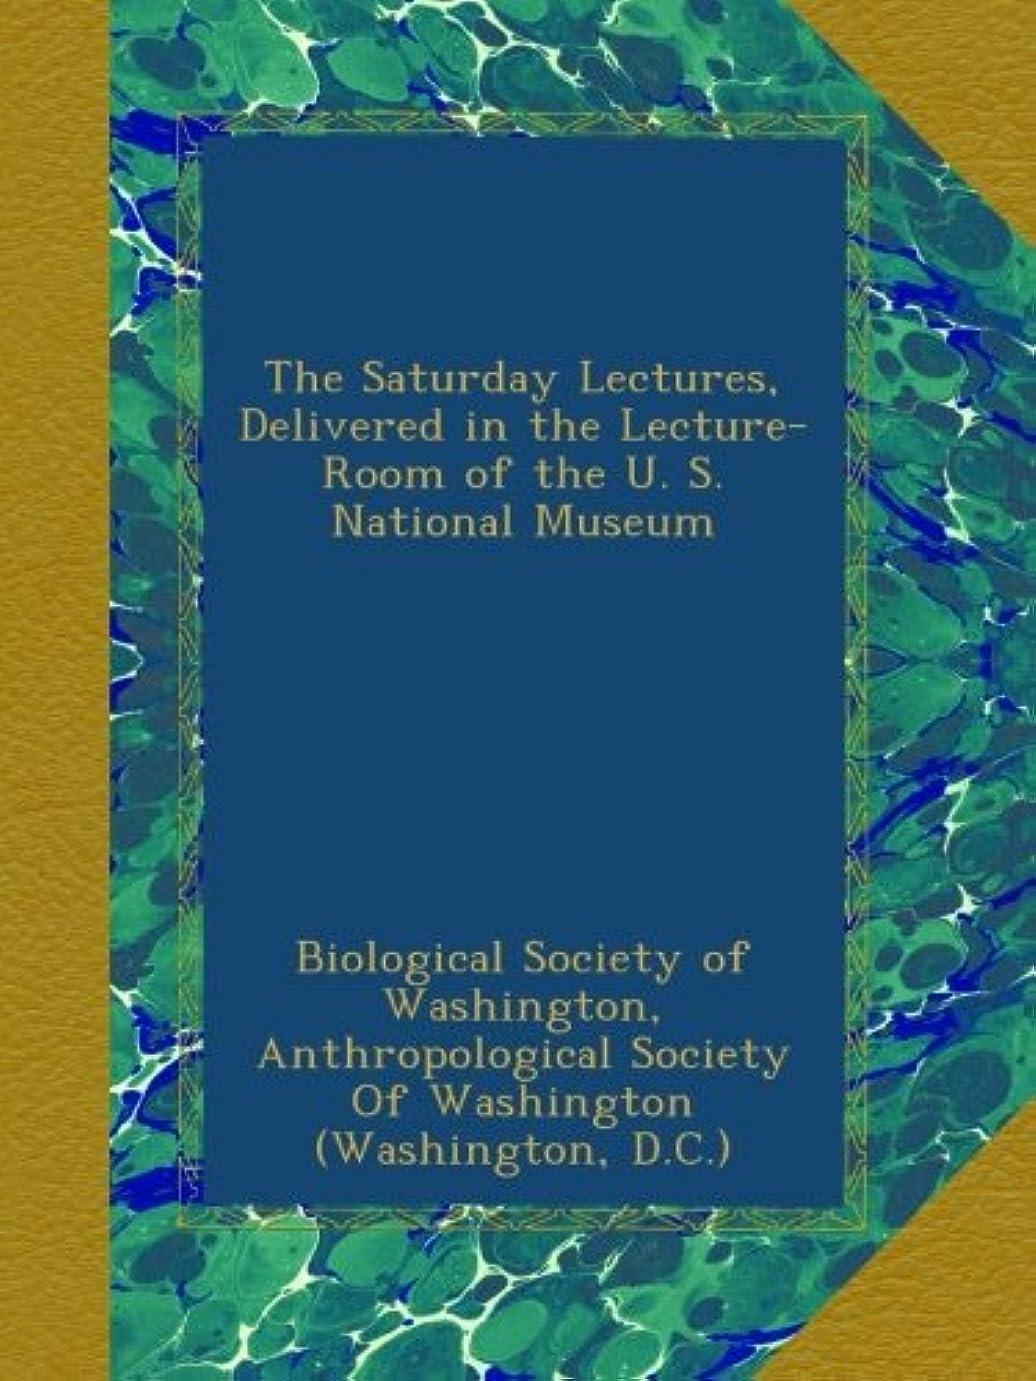 マエストロブロッサム礼儀The Saturday Lectures, Delivered in the Lecture-Room of the U. S. National Museum